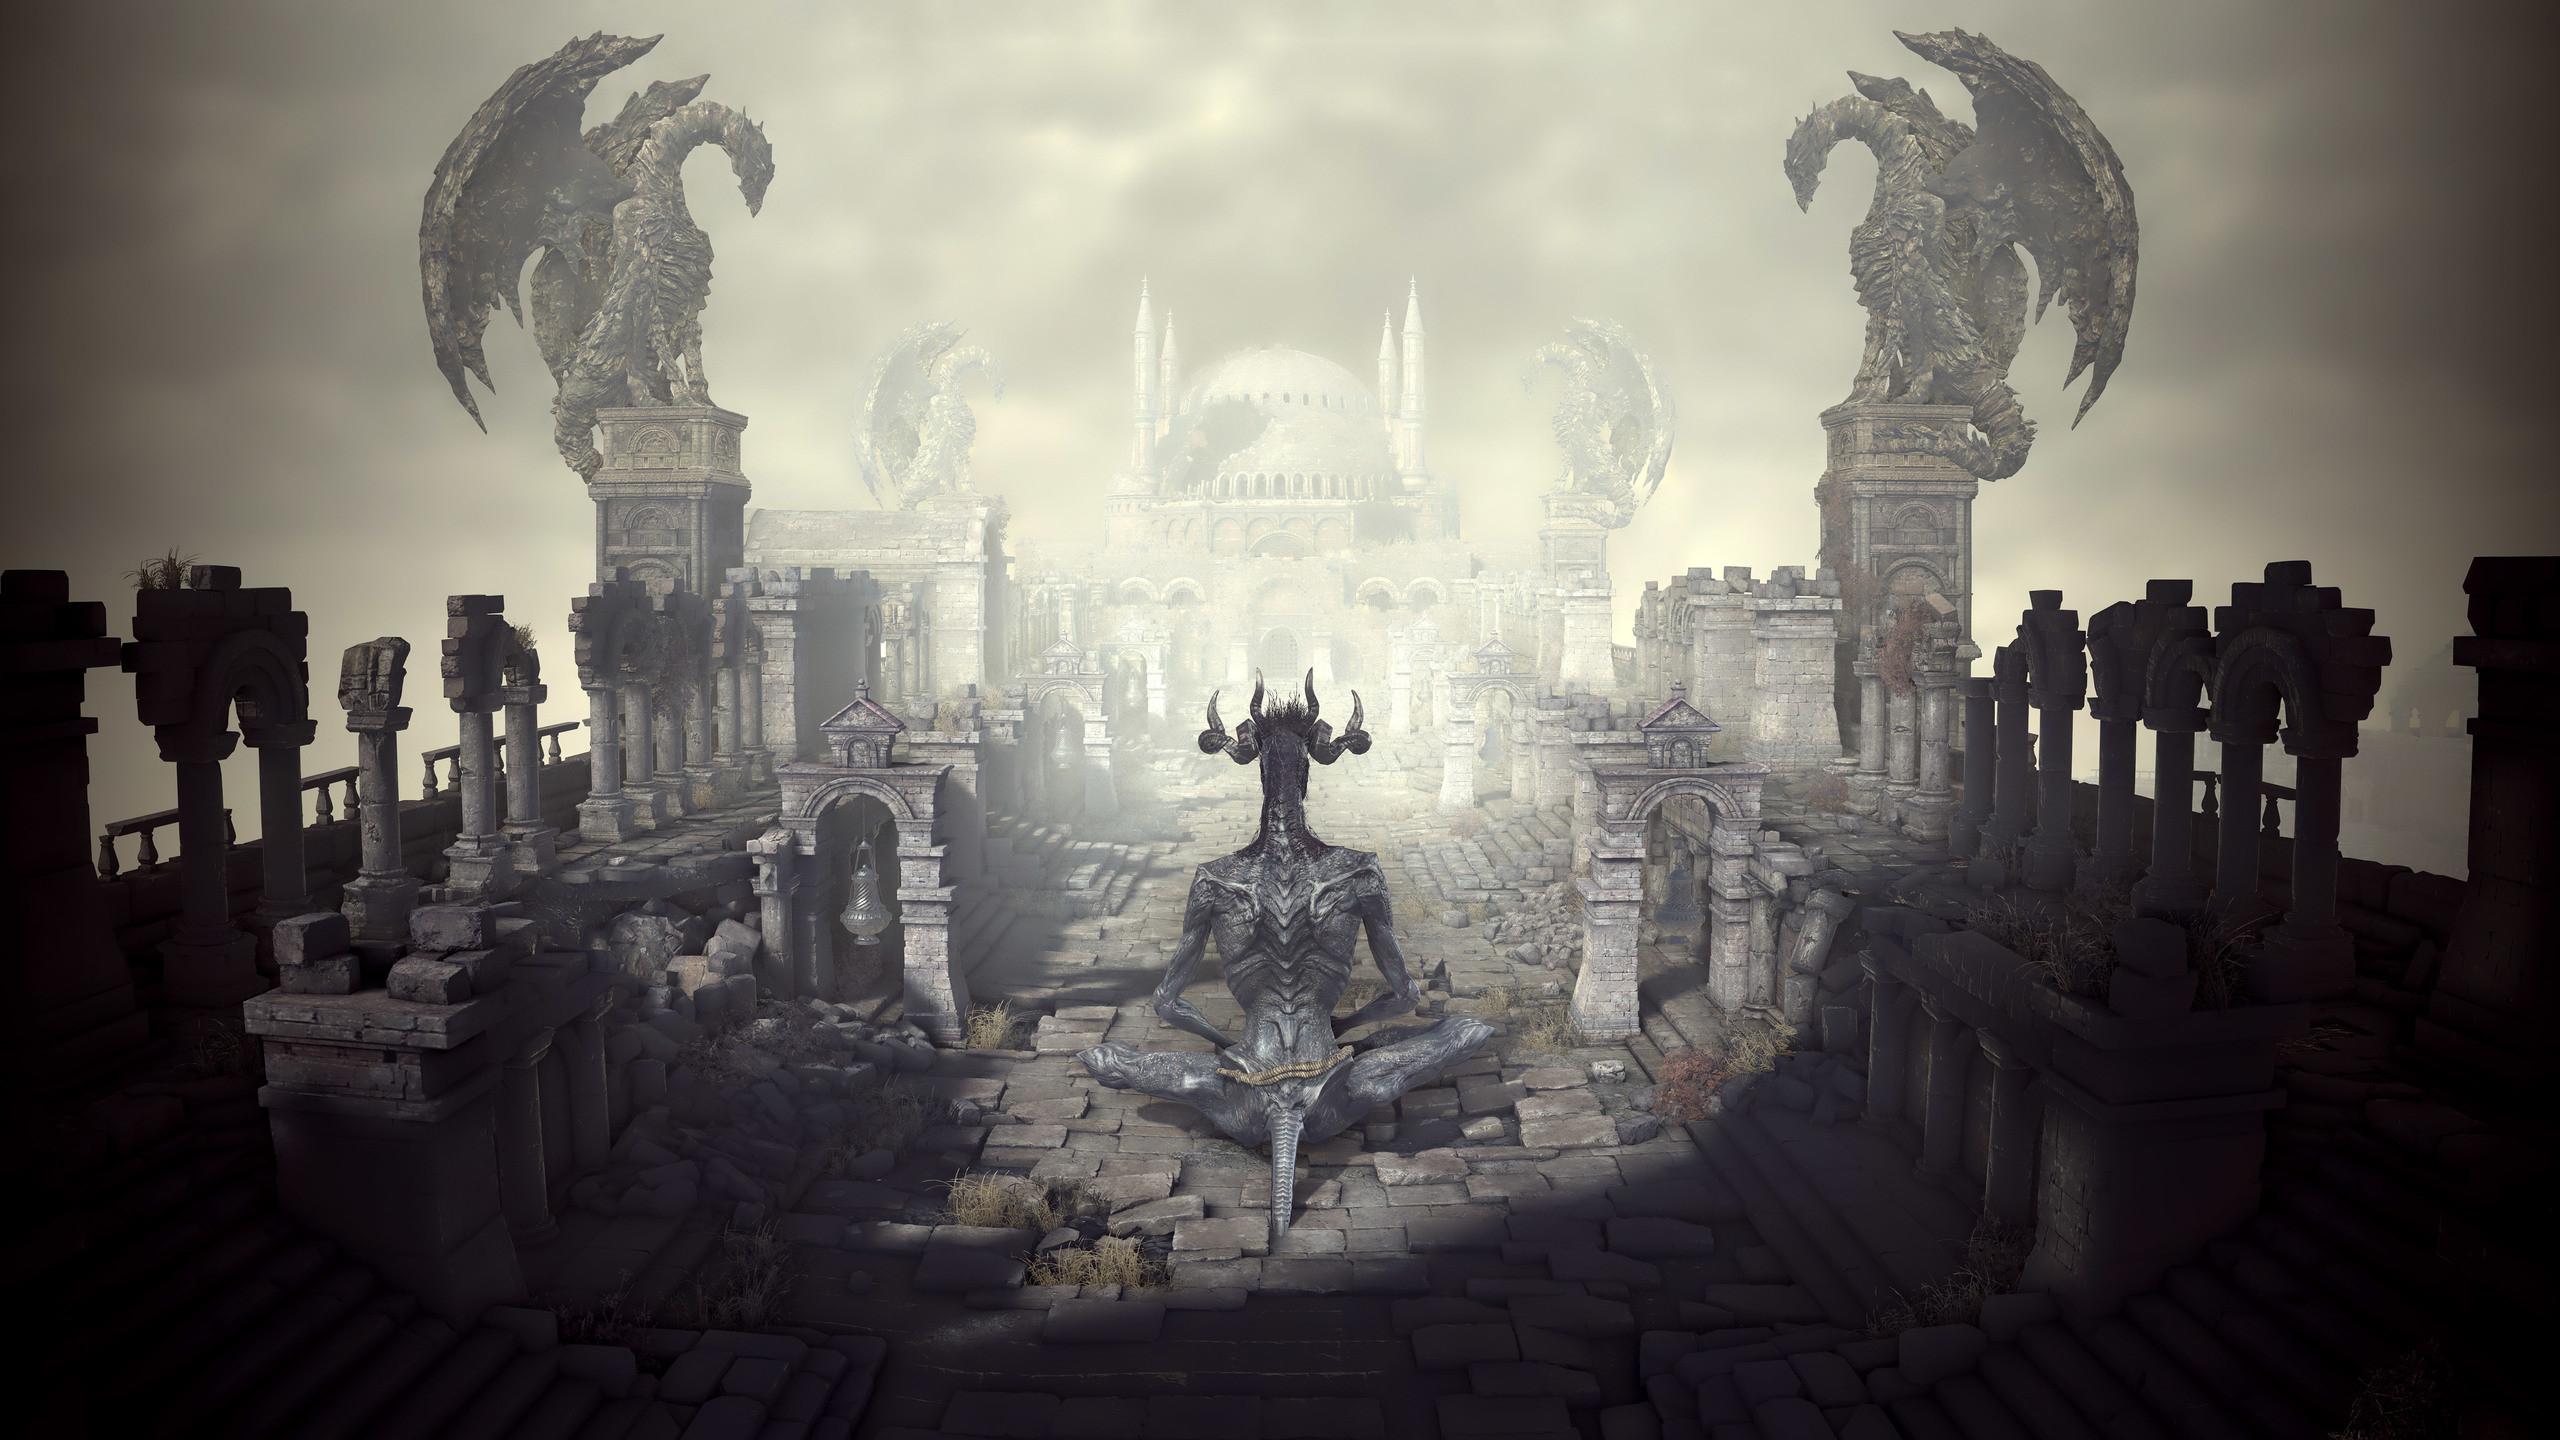 Dark Souls 3 4k Wallpaper: Dark Souls Iii Wallpapers (85+ Images